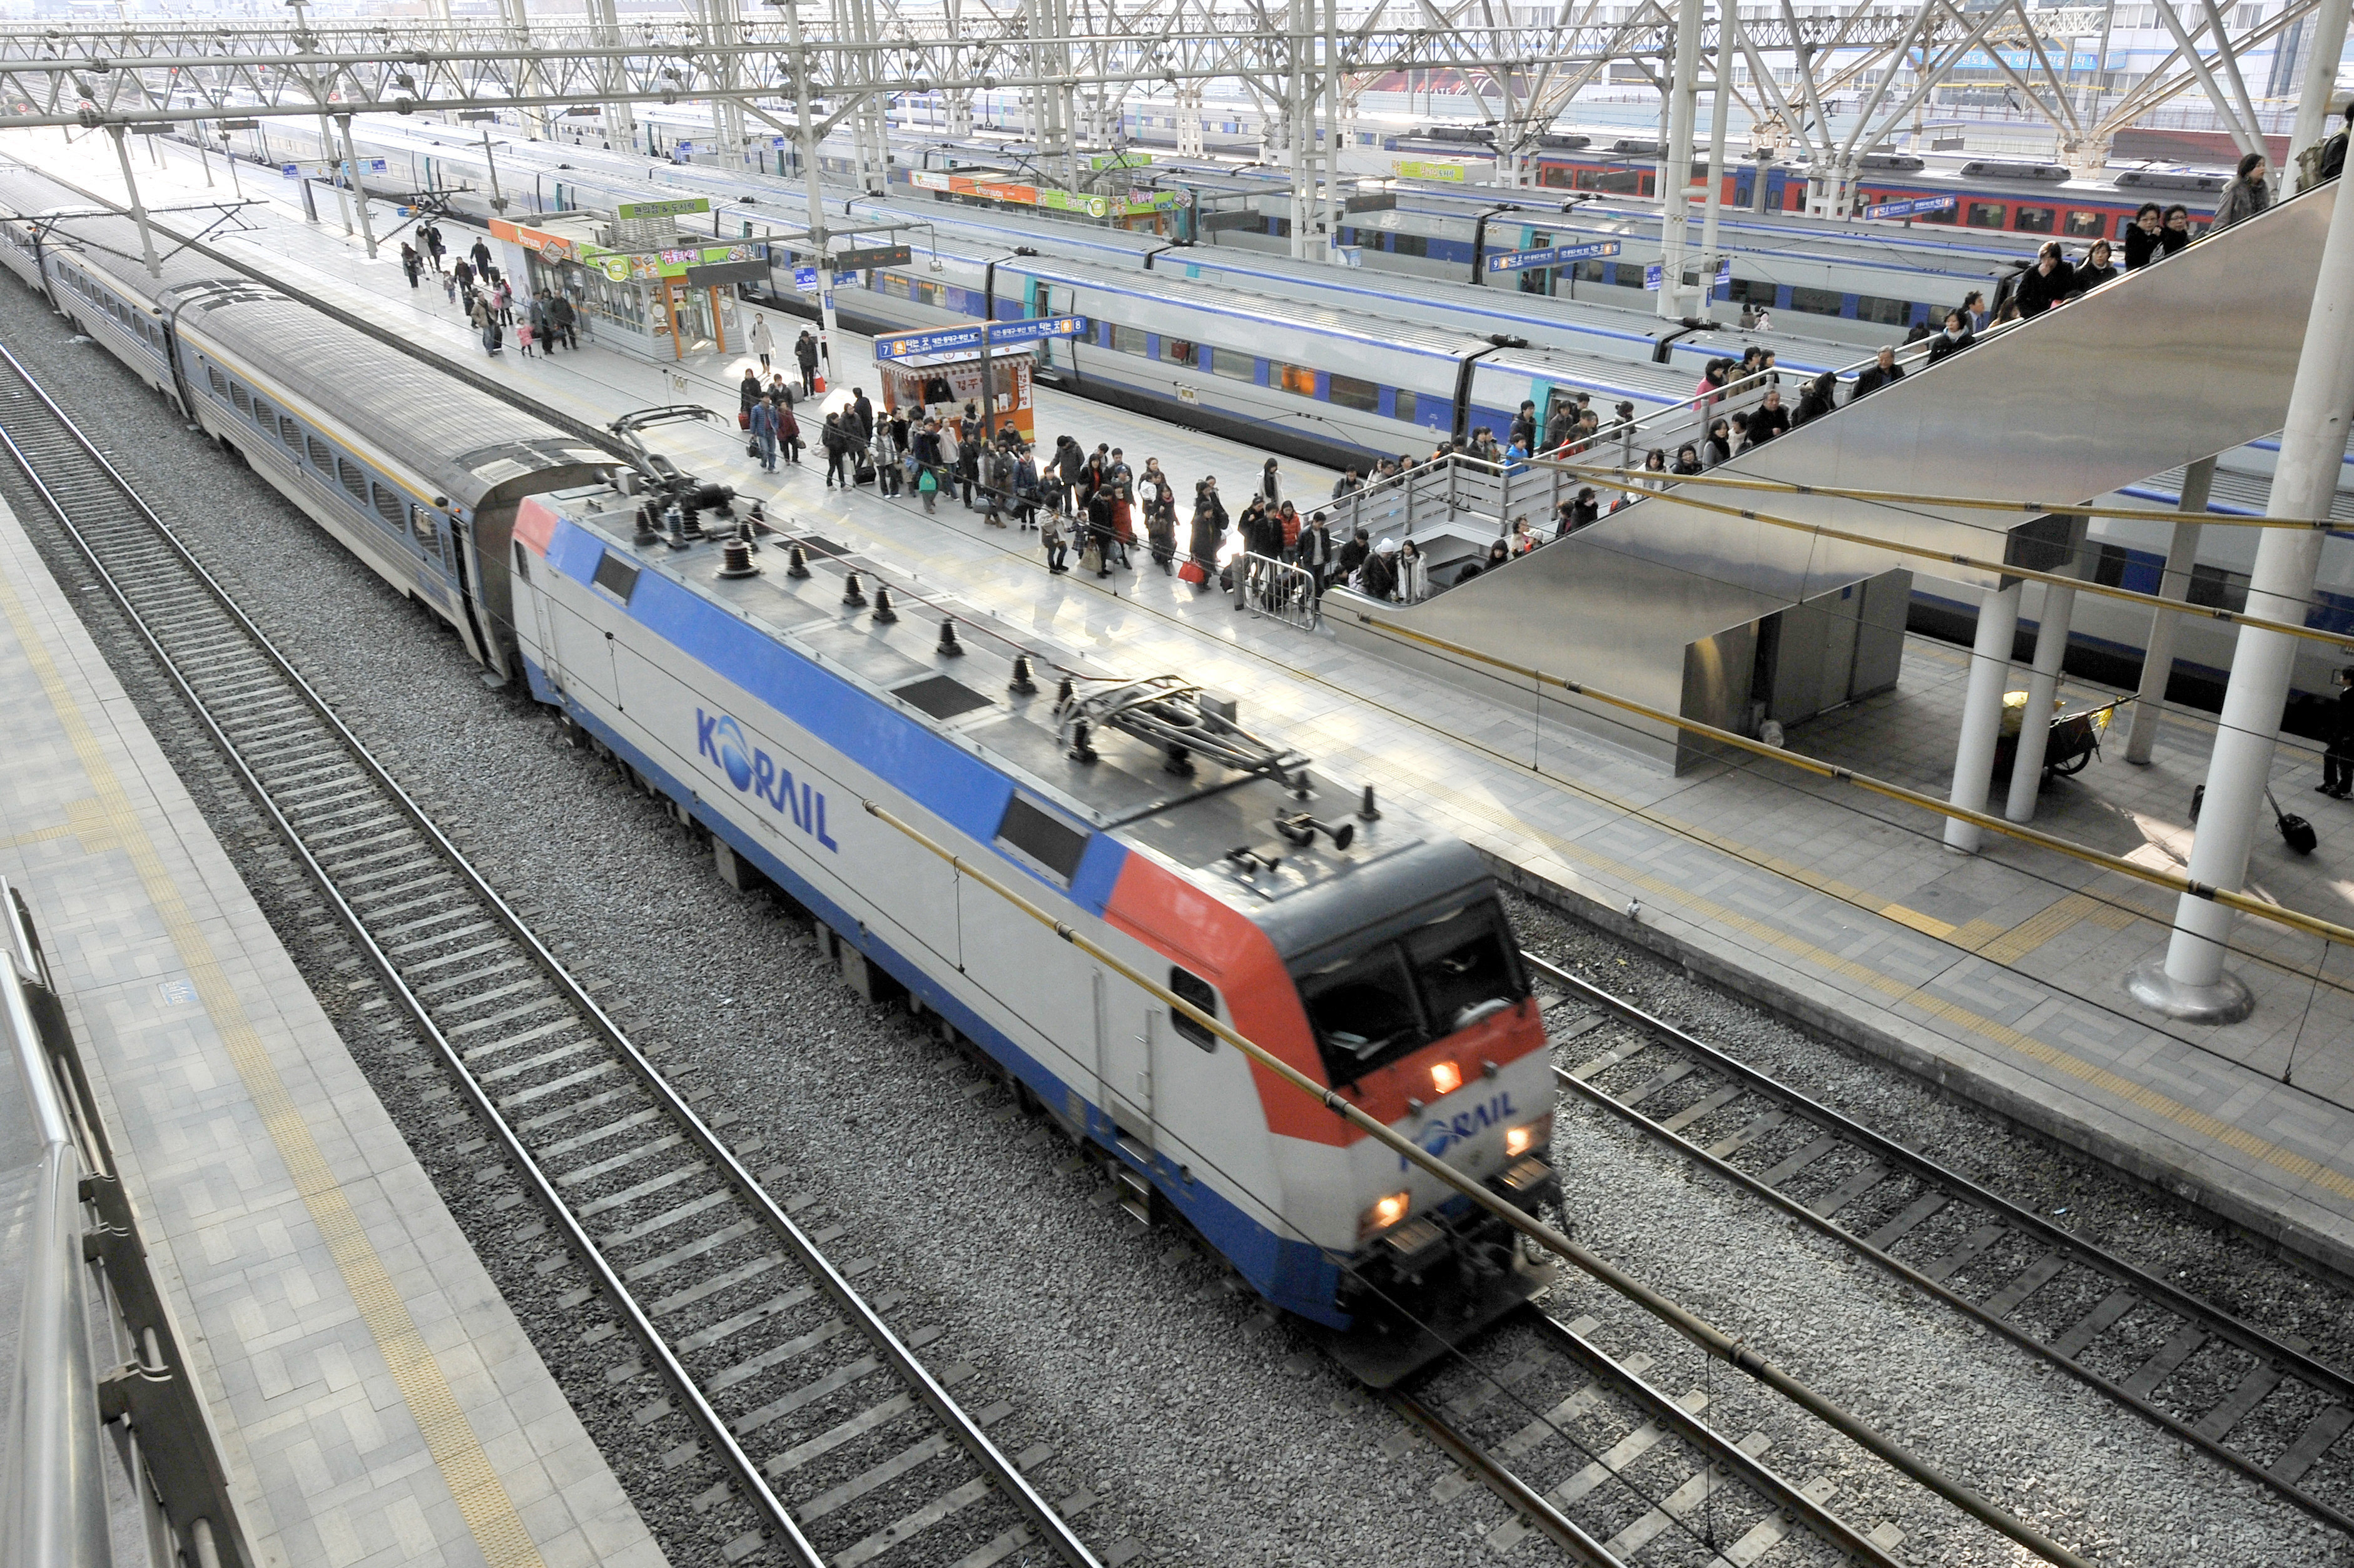 L'intégration des systèmes ferroviaires coréens et leurs liaisons avec ceux des voisins incorporeraient la péninsule dans des couloirs de transport intercontinentaux.